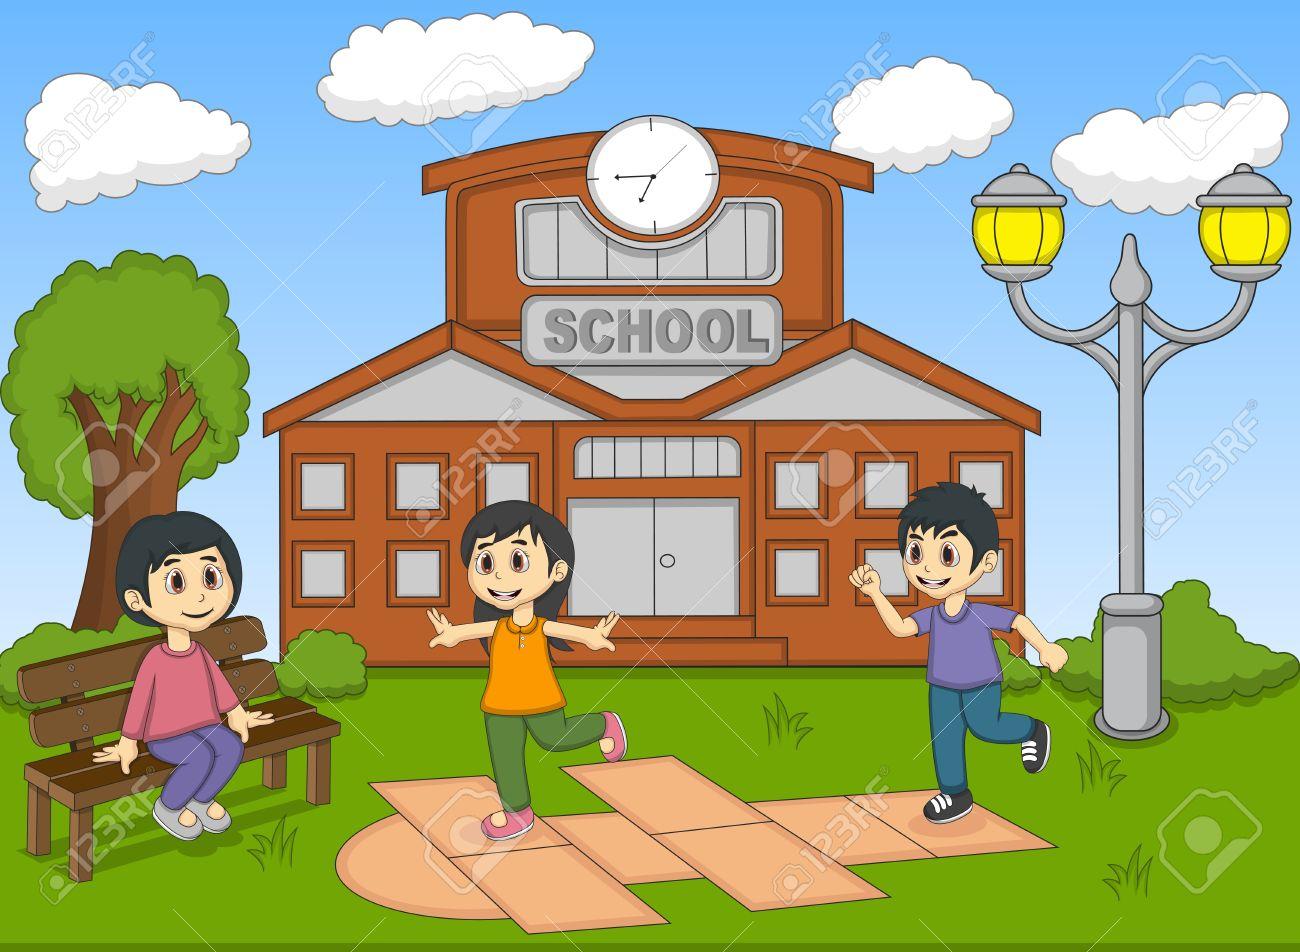 Los Niños Jugando Rayuela En La Ilustración Vectorial De Dibujos Animados De La Escuela Ilustraciones Vectoriales Clip Art Vectorizado Libre De Derechos Image 51438039